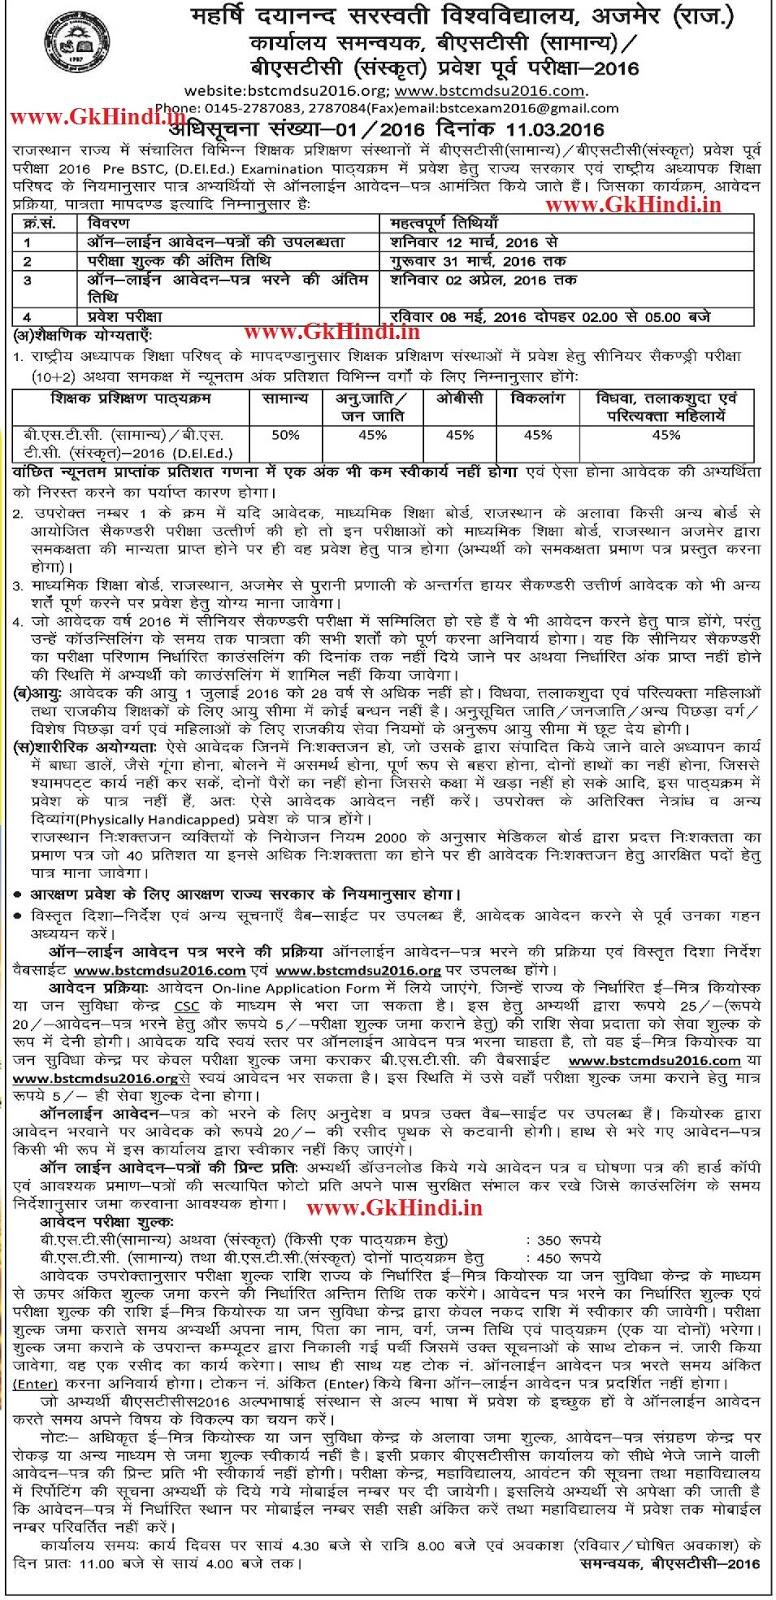 bstcmdsu2019.com MDSU Ajmer Pre BSTC 2019 bstcmdsu2019.org